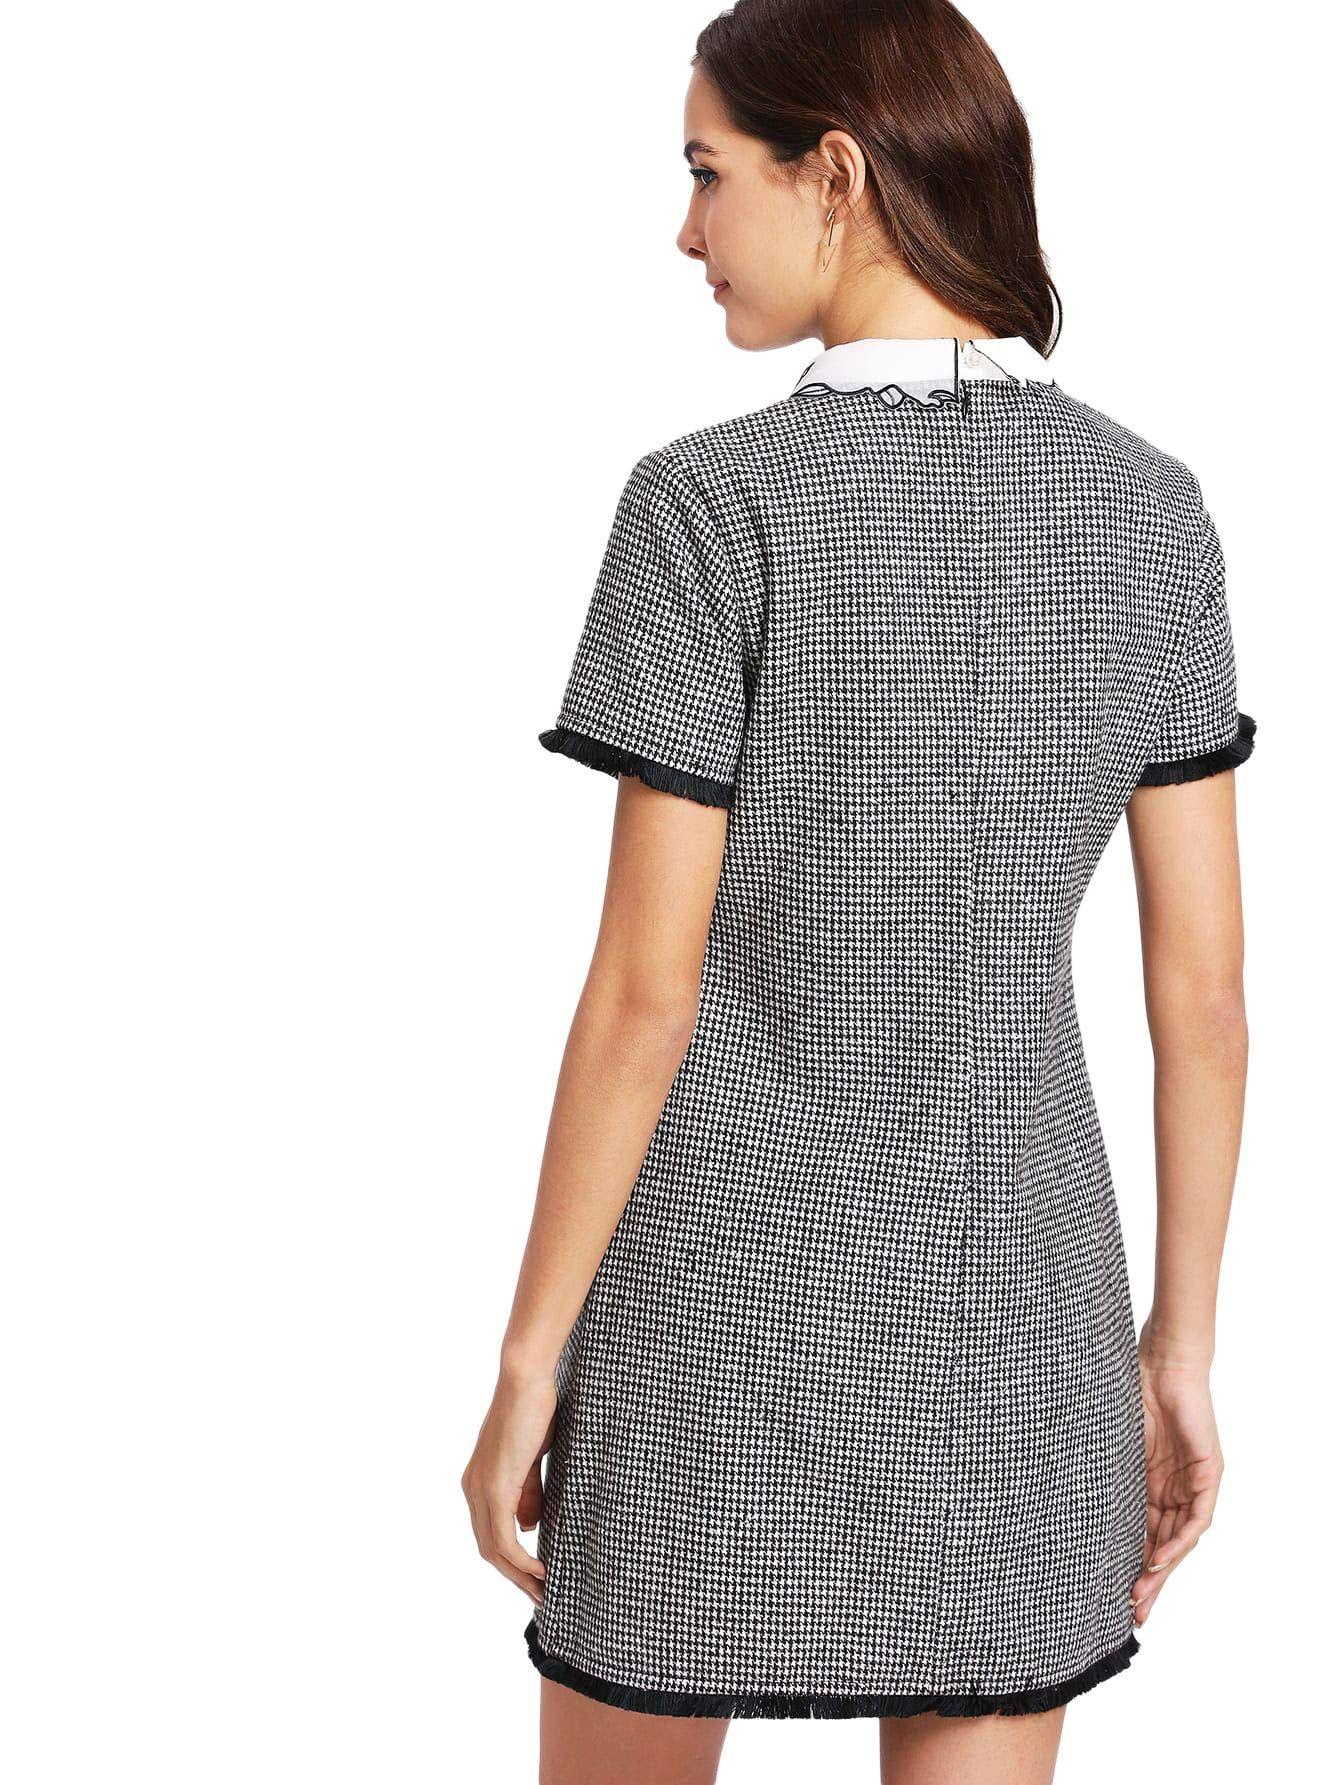 5a9250c3a9b1d Floerns Women s Perter Pan Collar Short Sleeve Plaid Shift Tunic T-Shirt  Dress